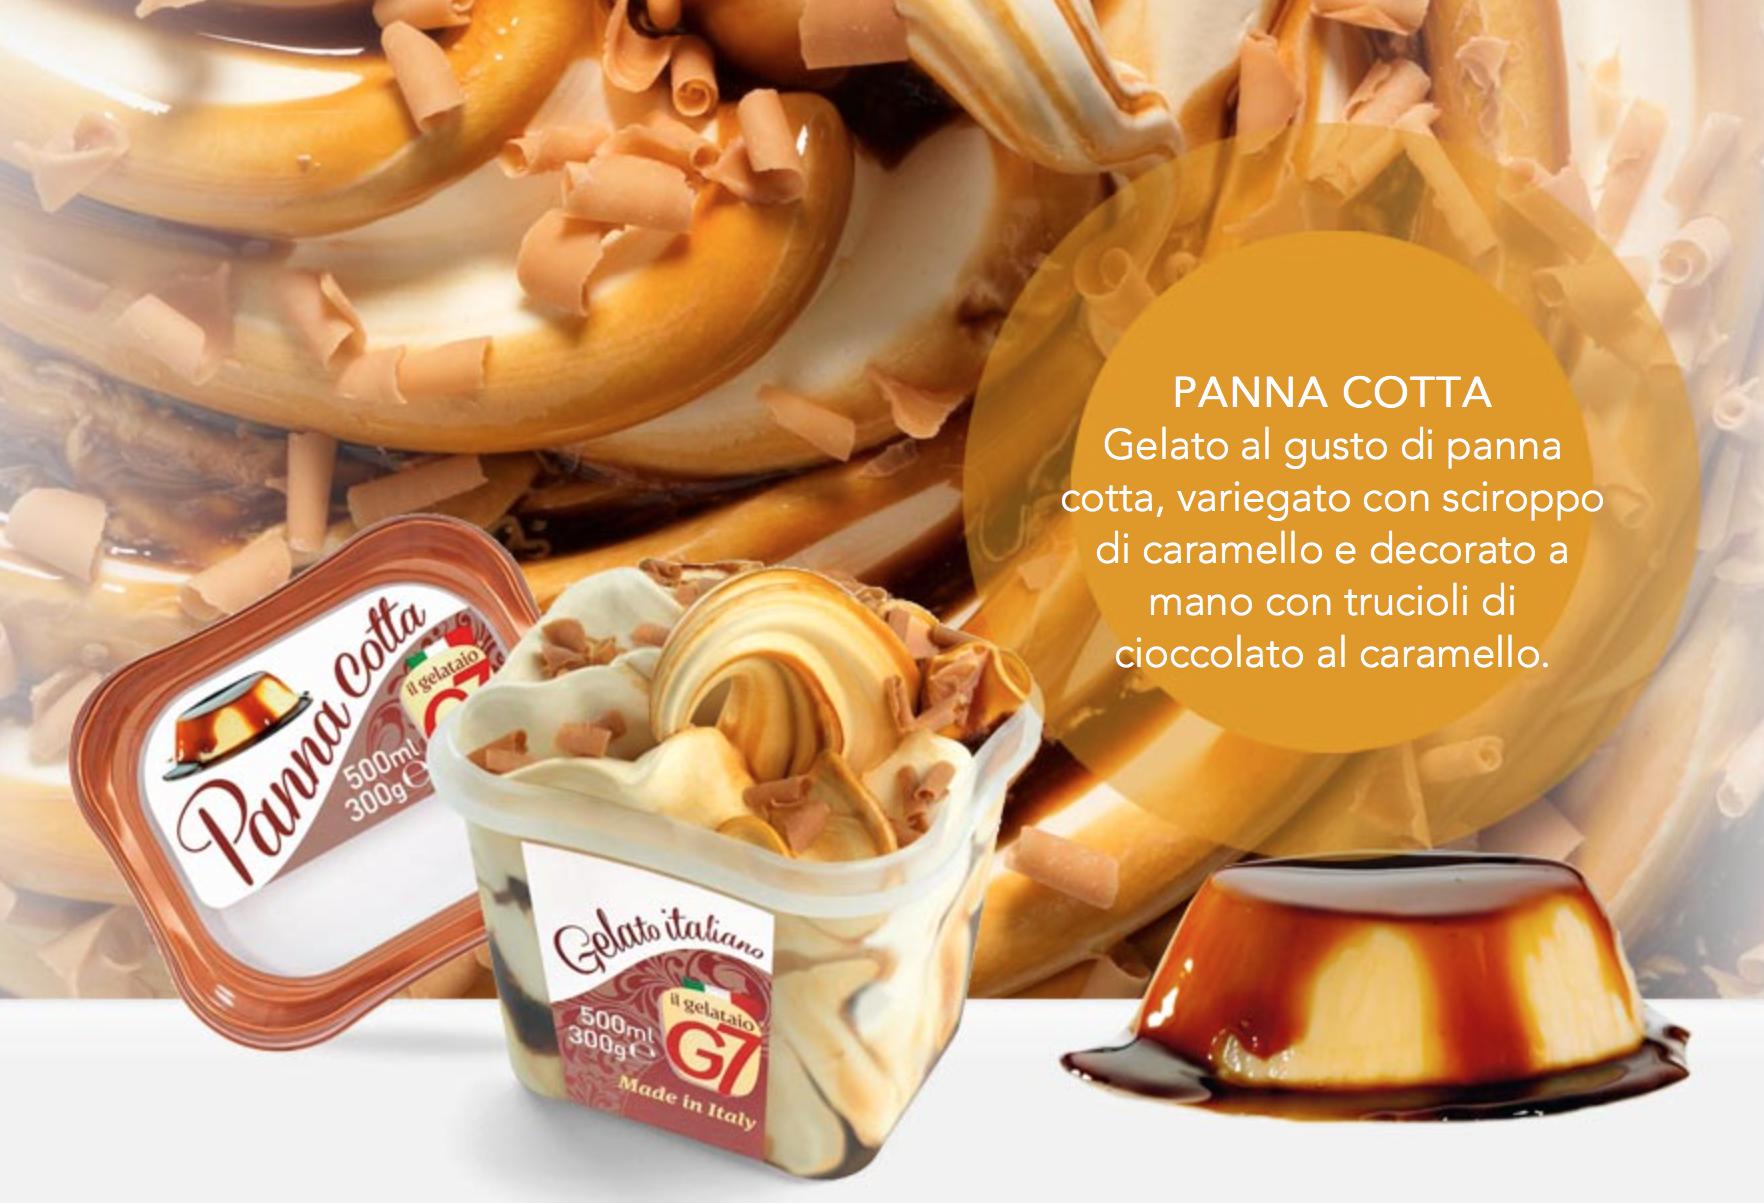 Gelato Panna Cotta In Vaschetta 300gr G7